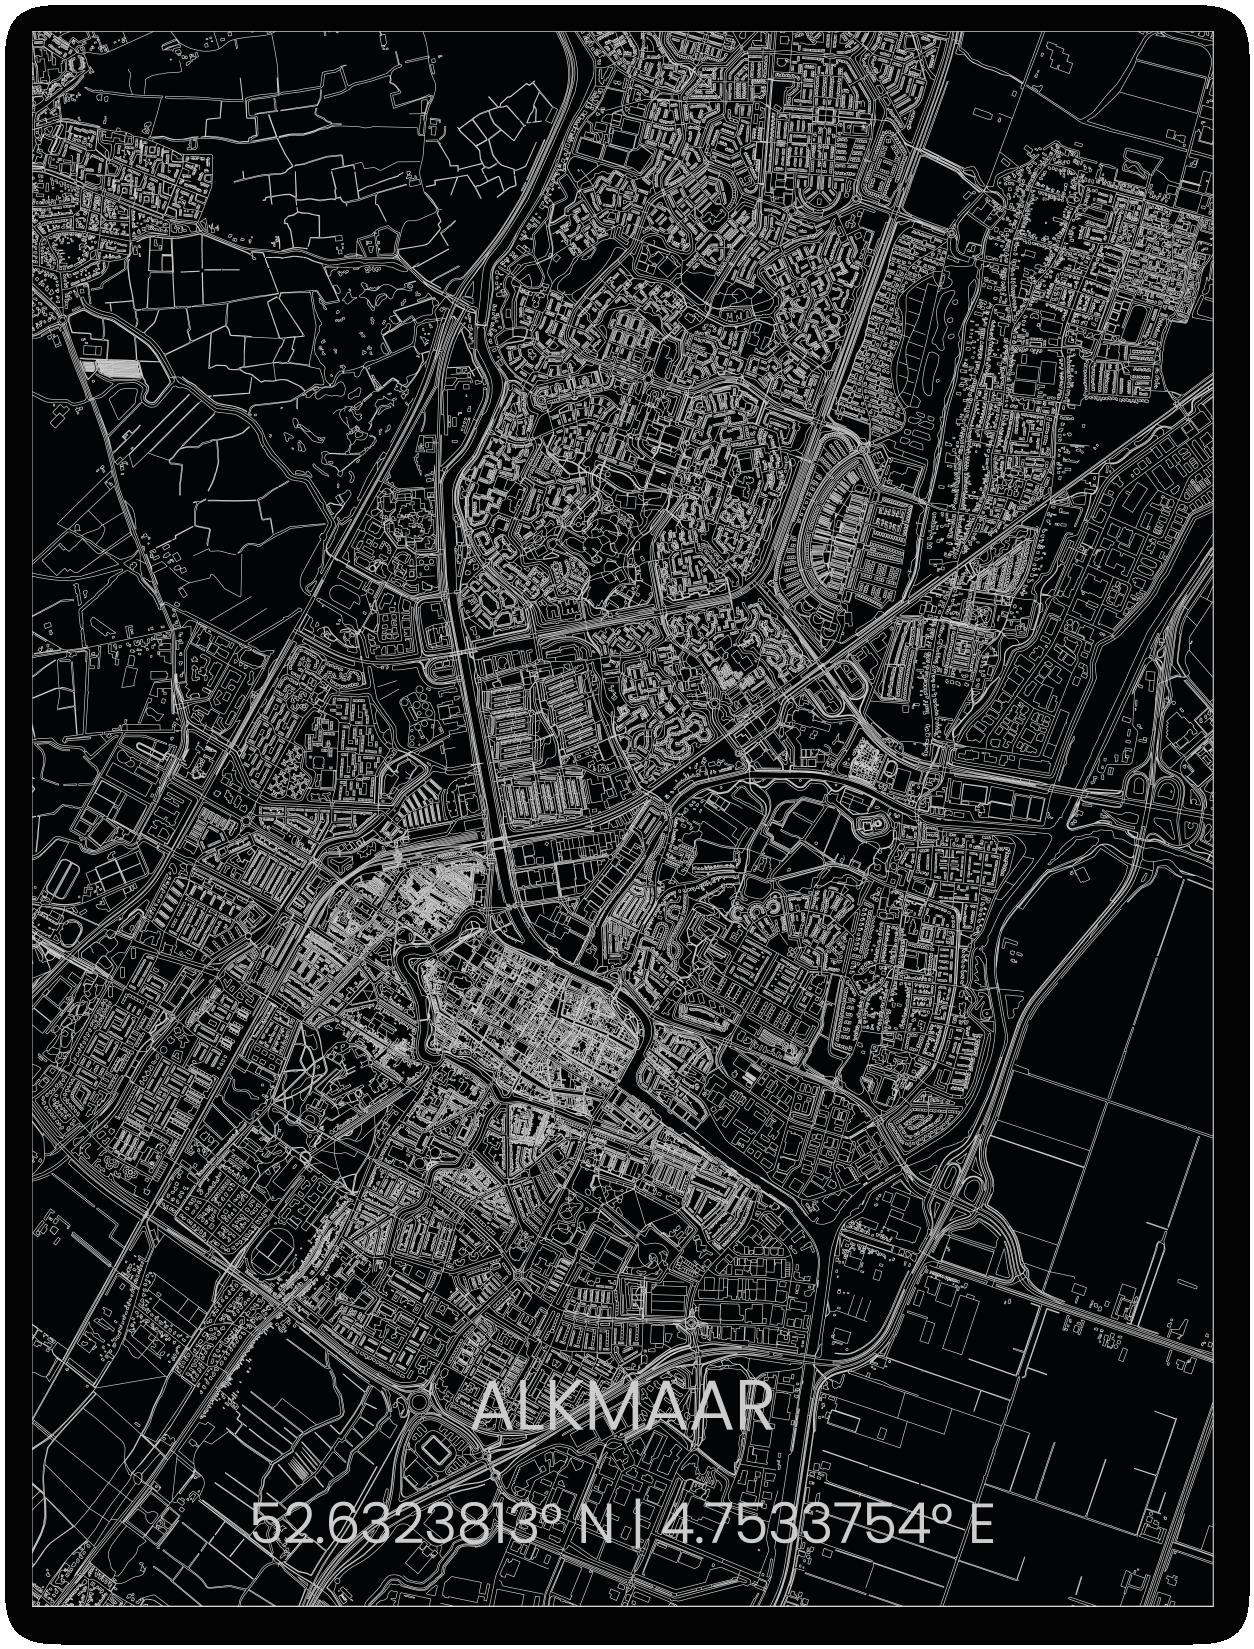 Metalen stadsplattegrond Alkmaar-1